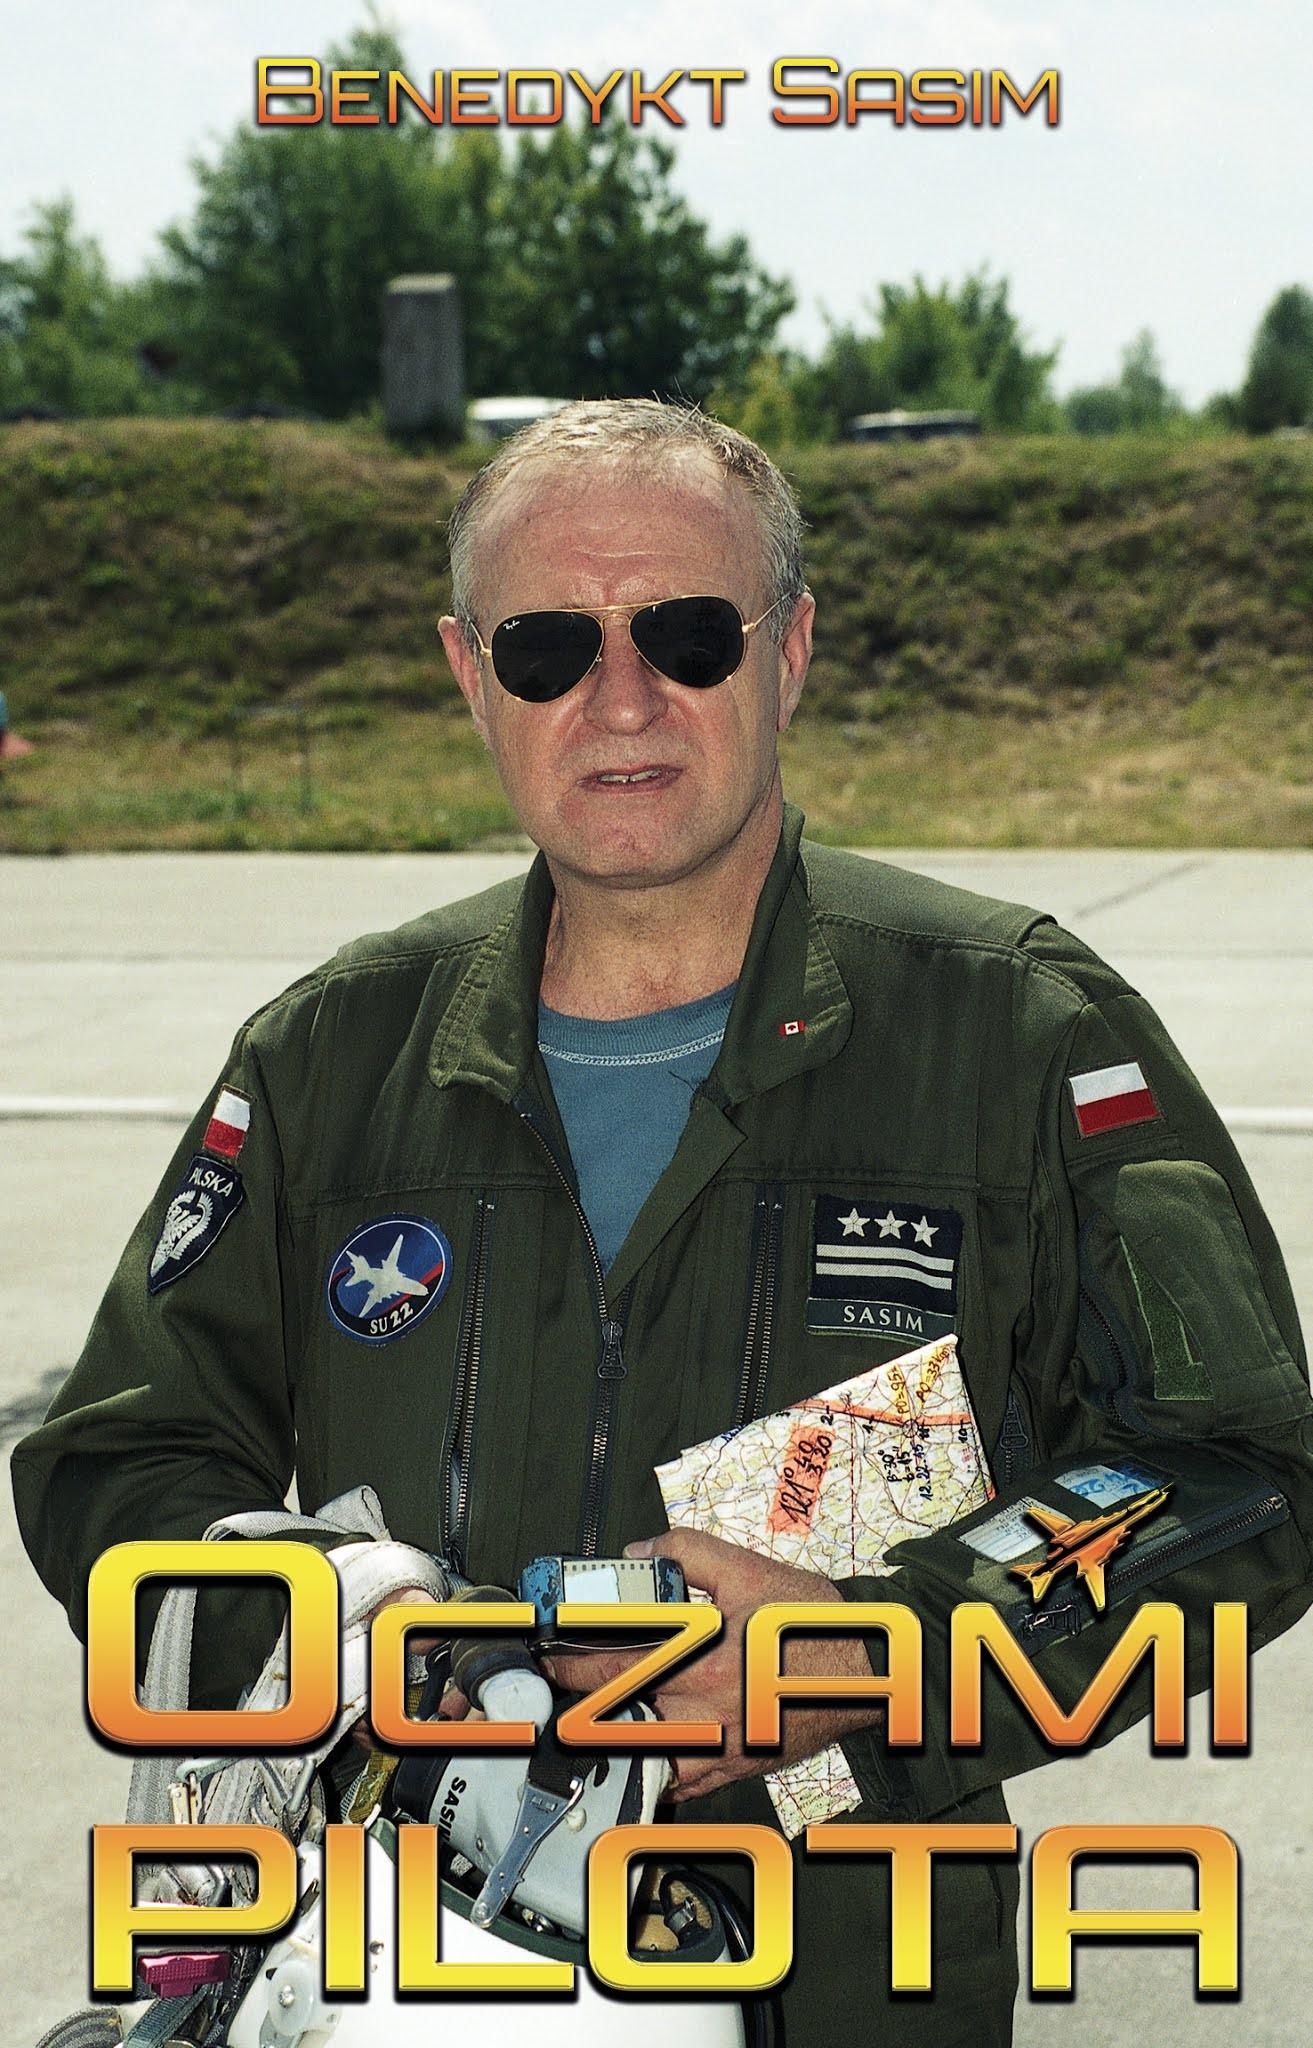 Oczami pilota - Benedykt Sasim książka okładka przód